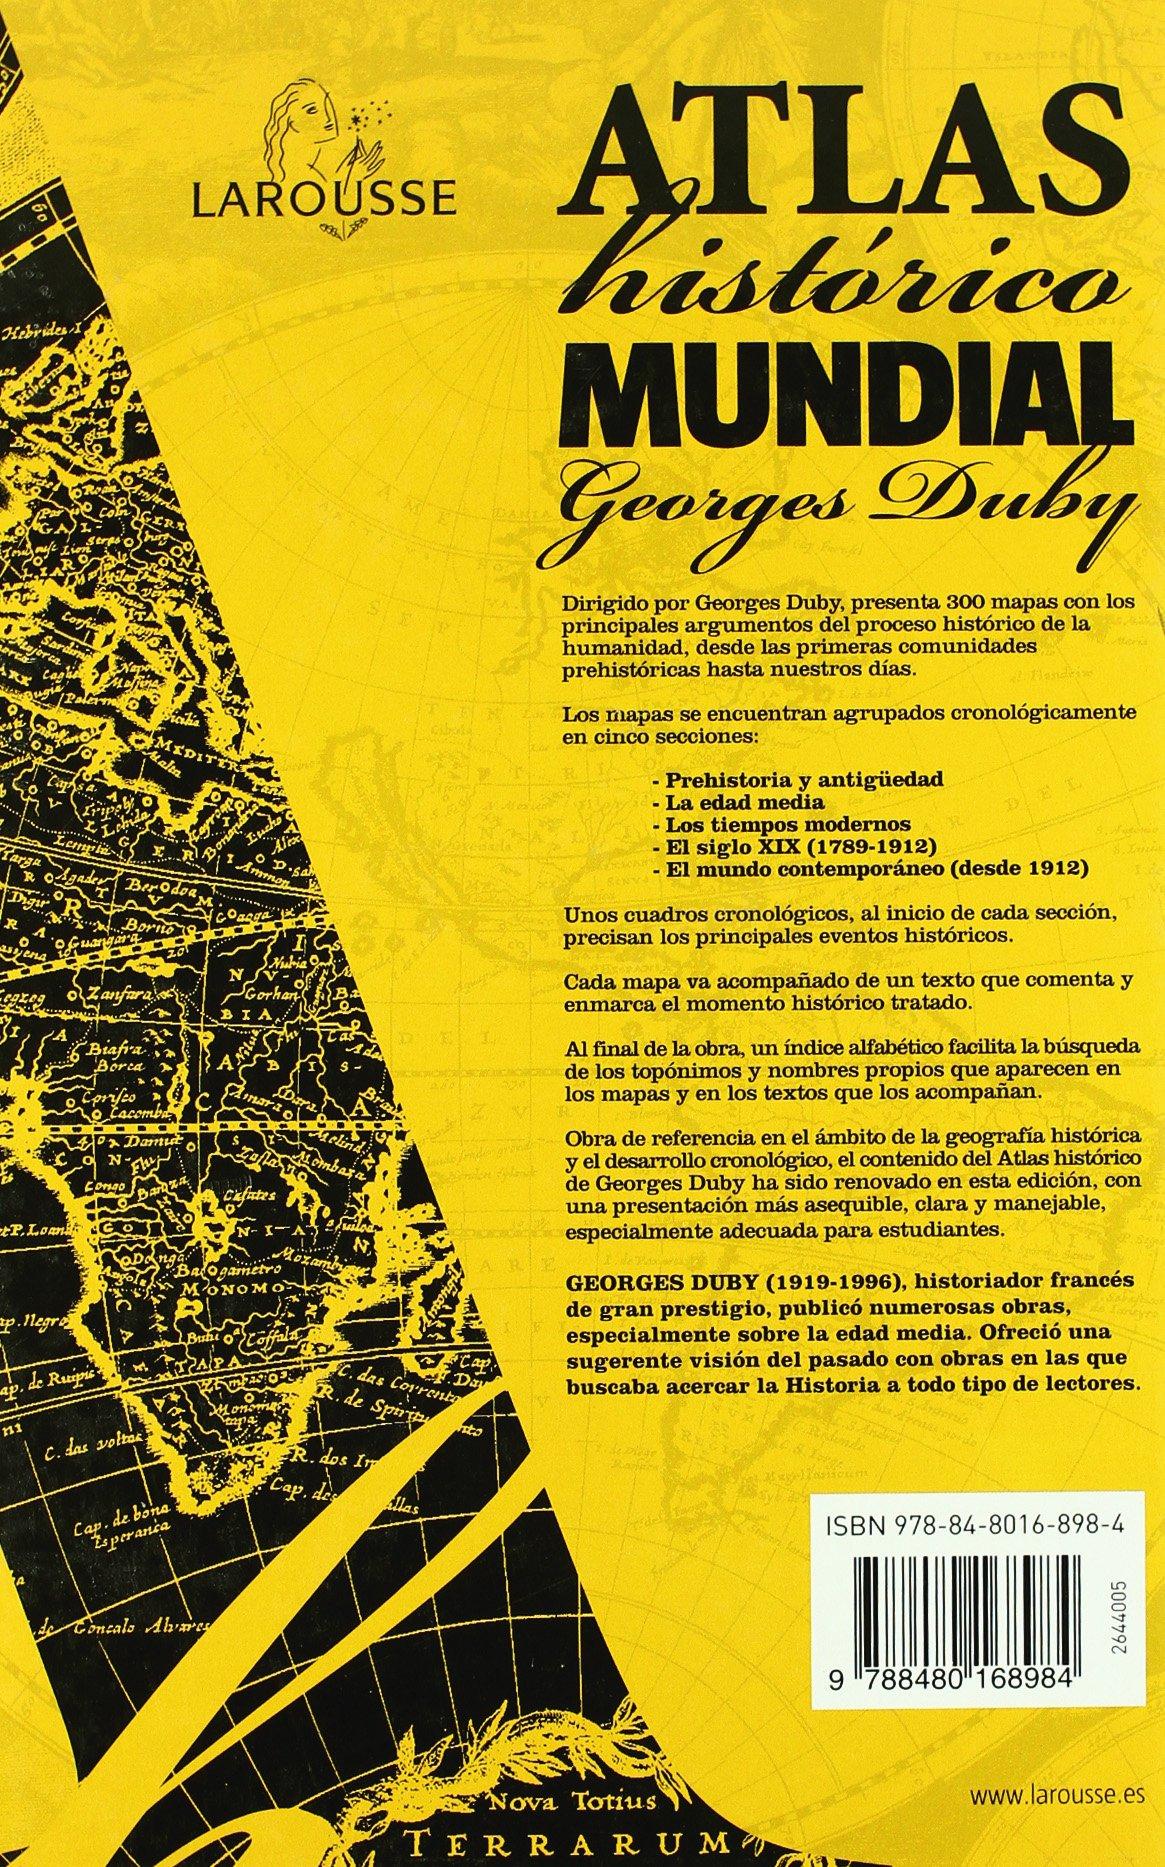 Atlas Histórico Mundial G.Duby (Larousse - Atlas): Amazon.es: Aa.Vv.: Libros